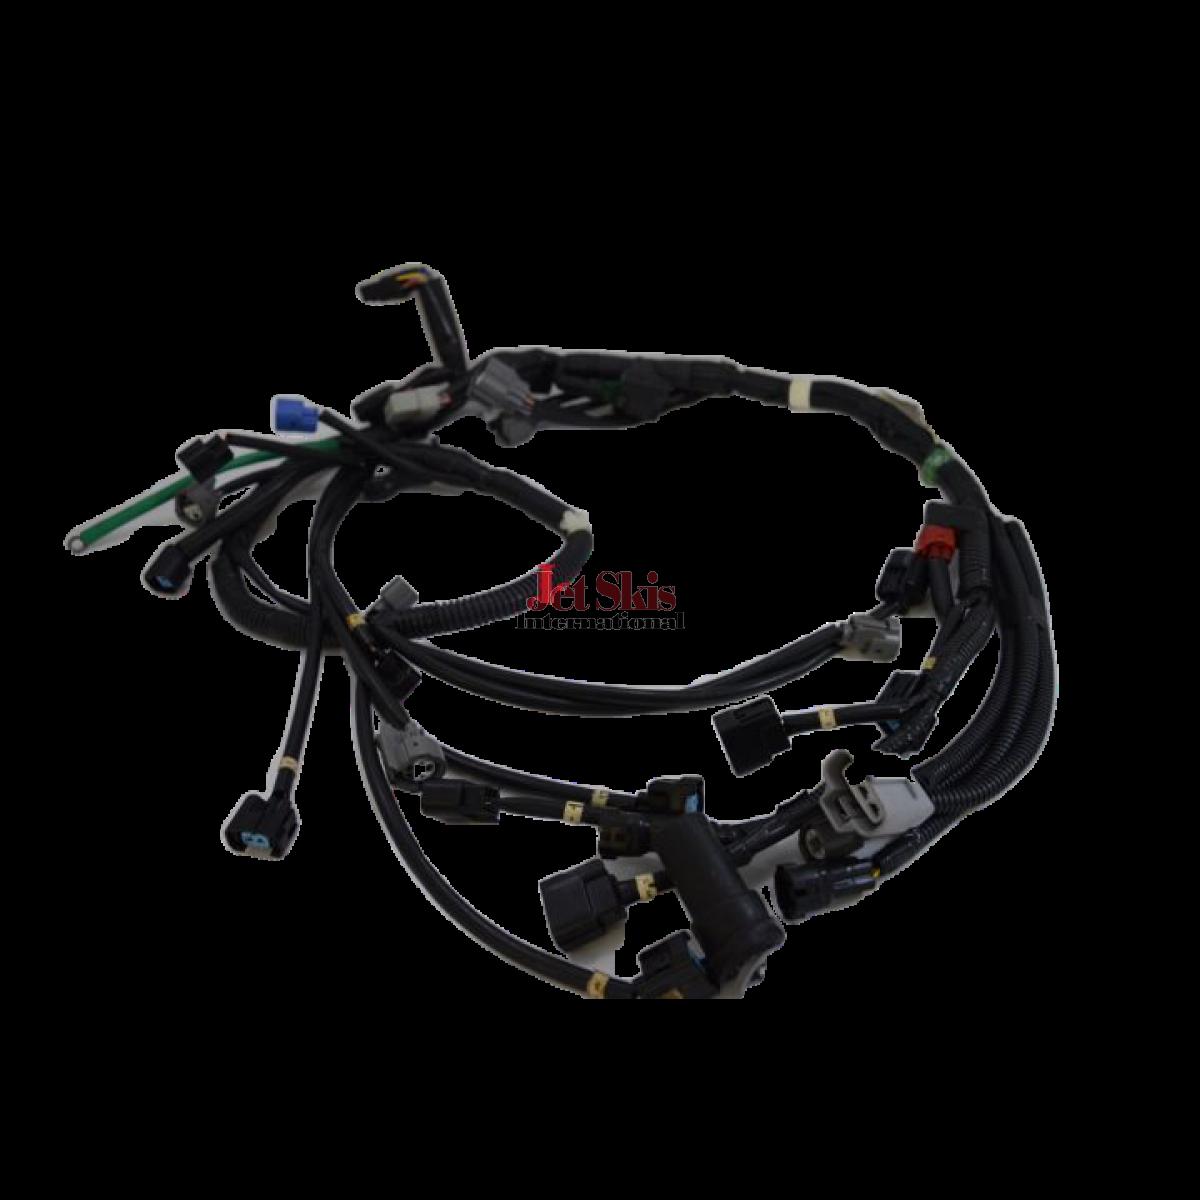 honda aquatrax part 32101 hw2 680 engine harness 2002. Black Bedroom Furniture Sets. Home Design Ideas